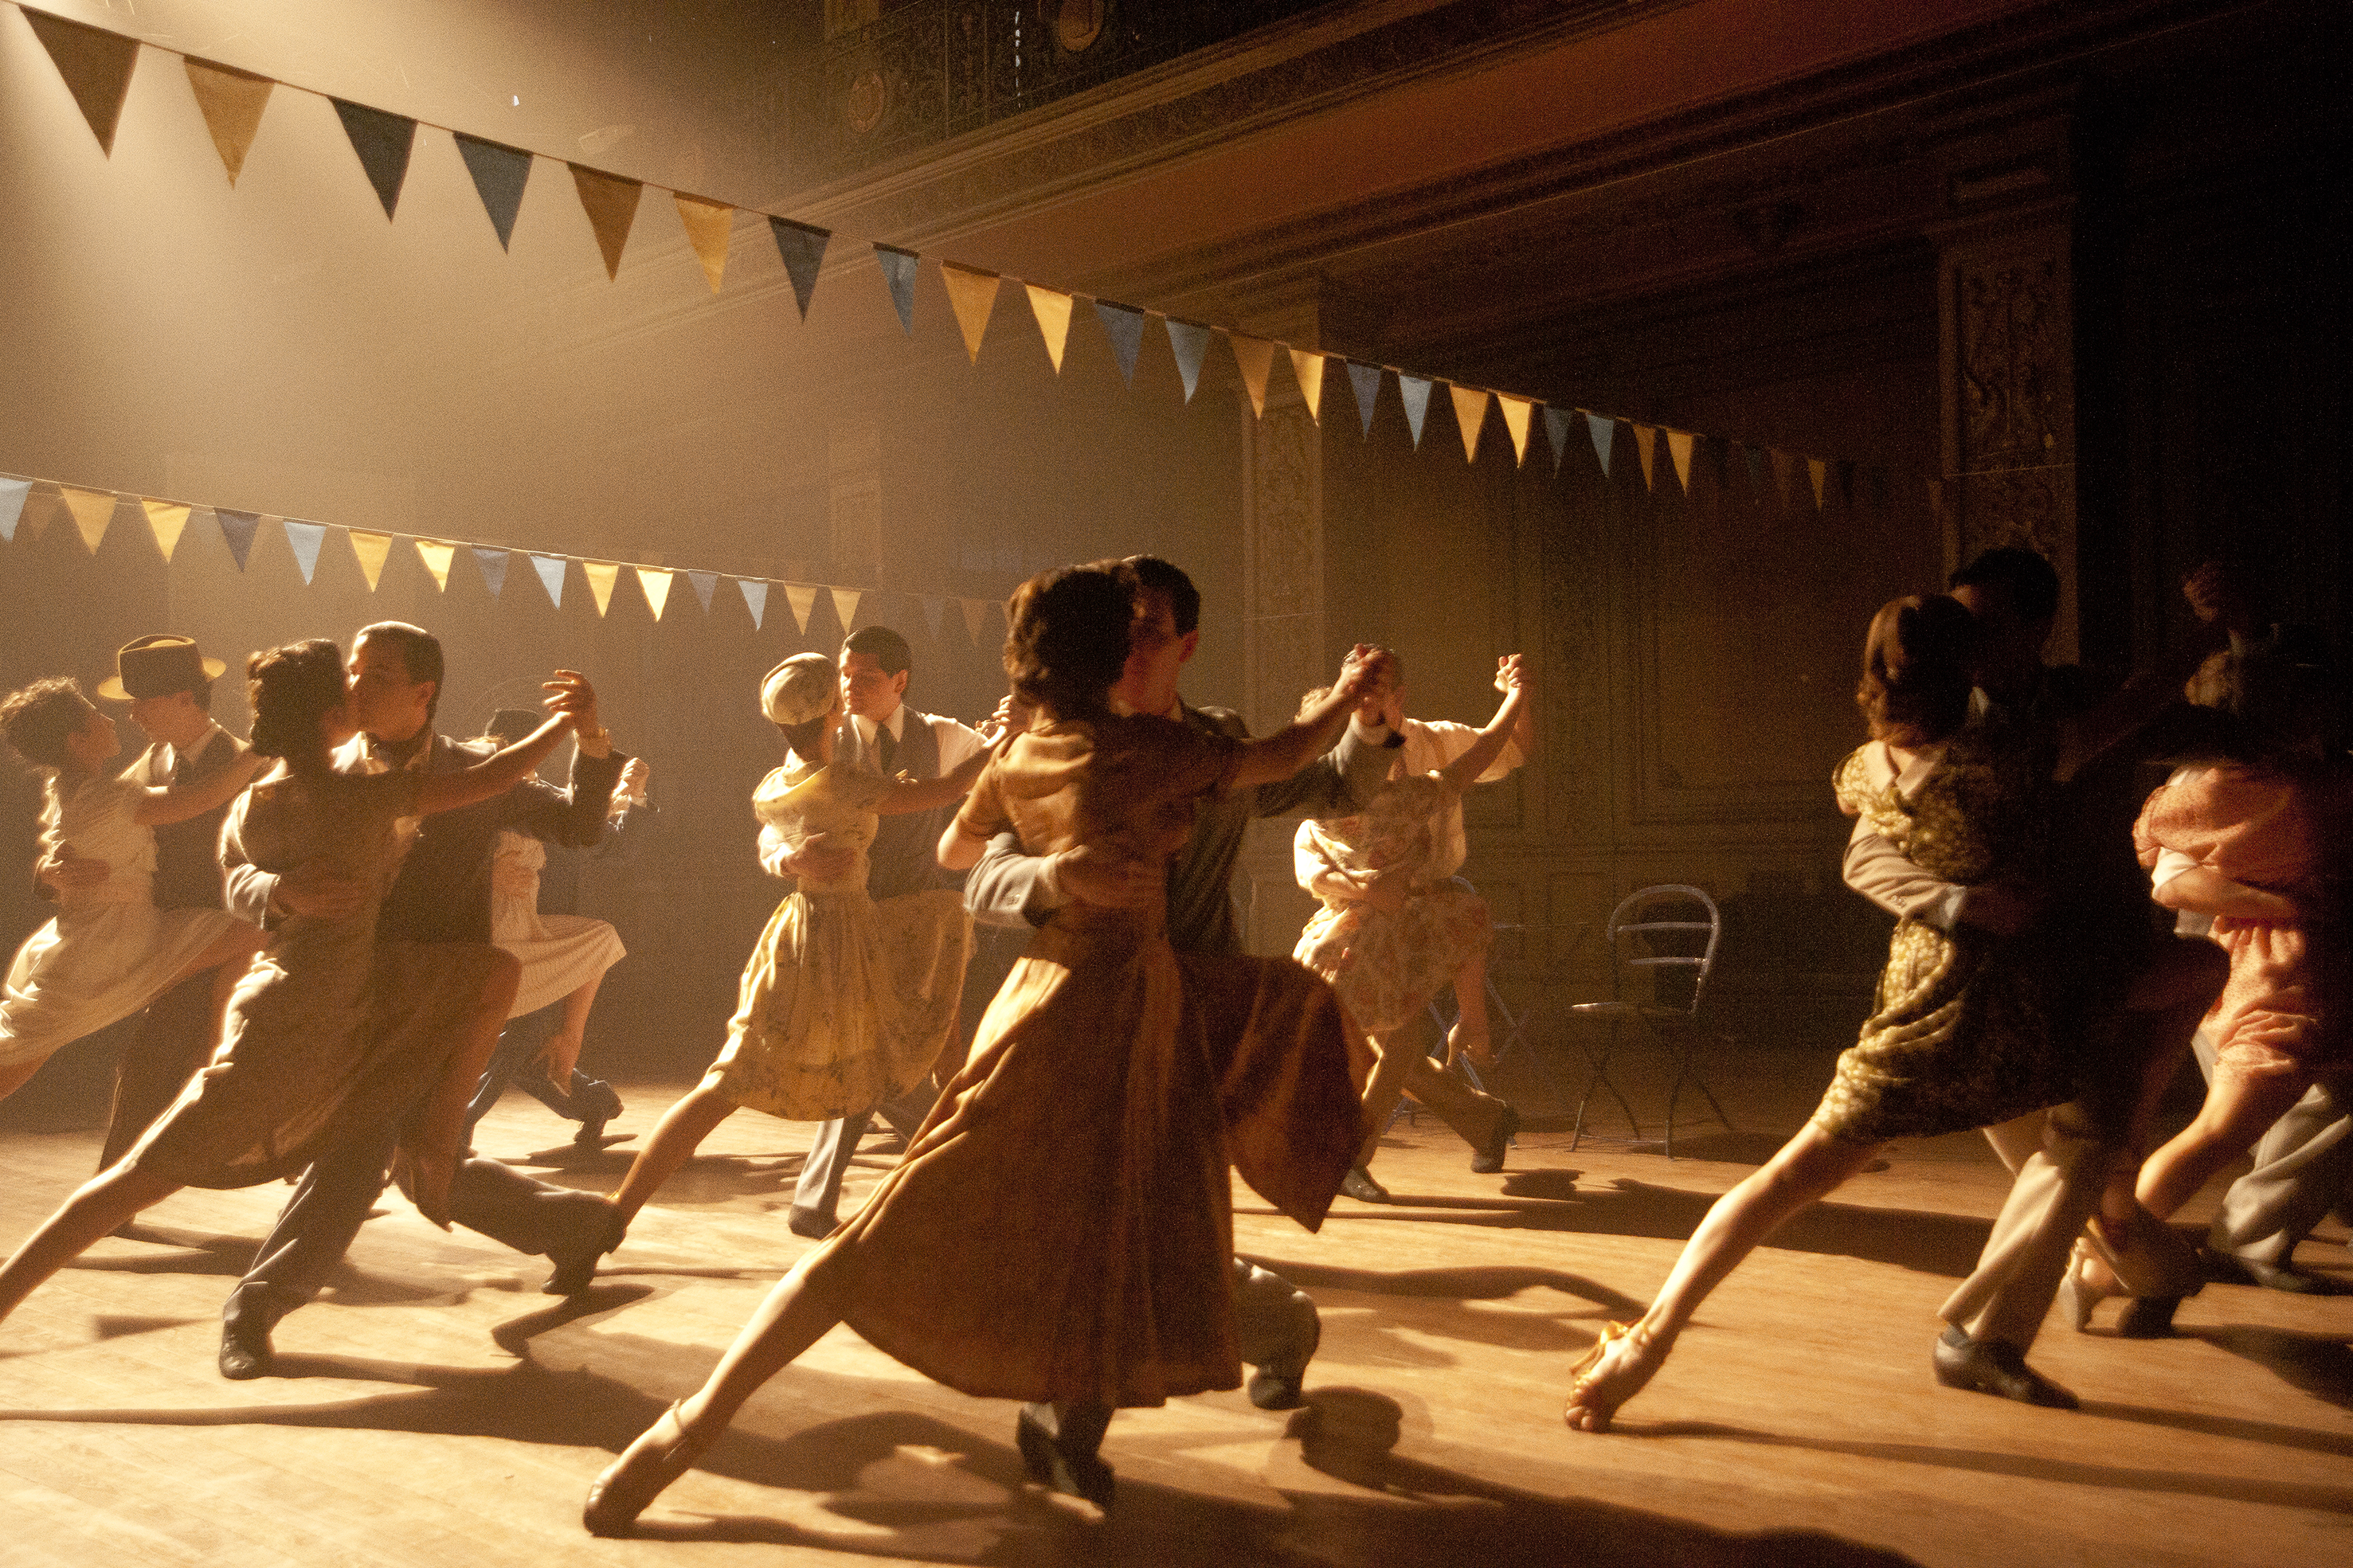 flimsfestival - Tango film